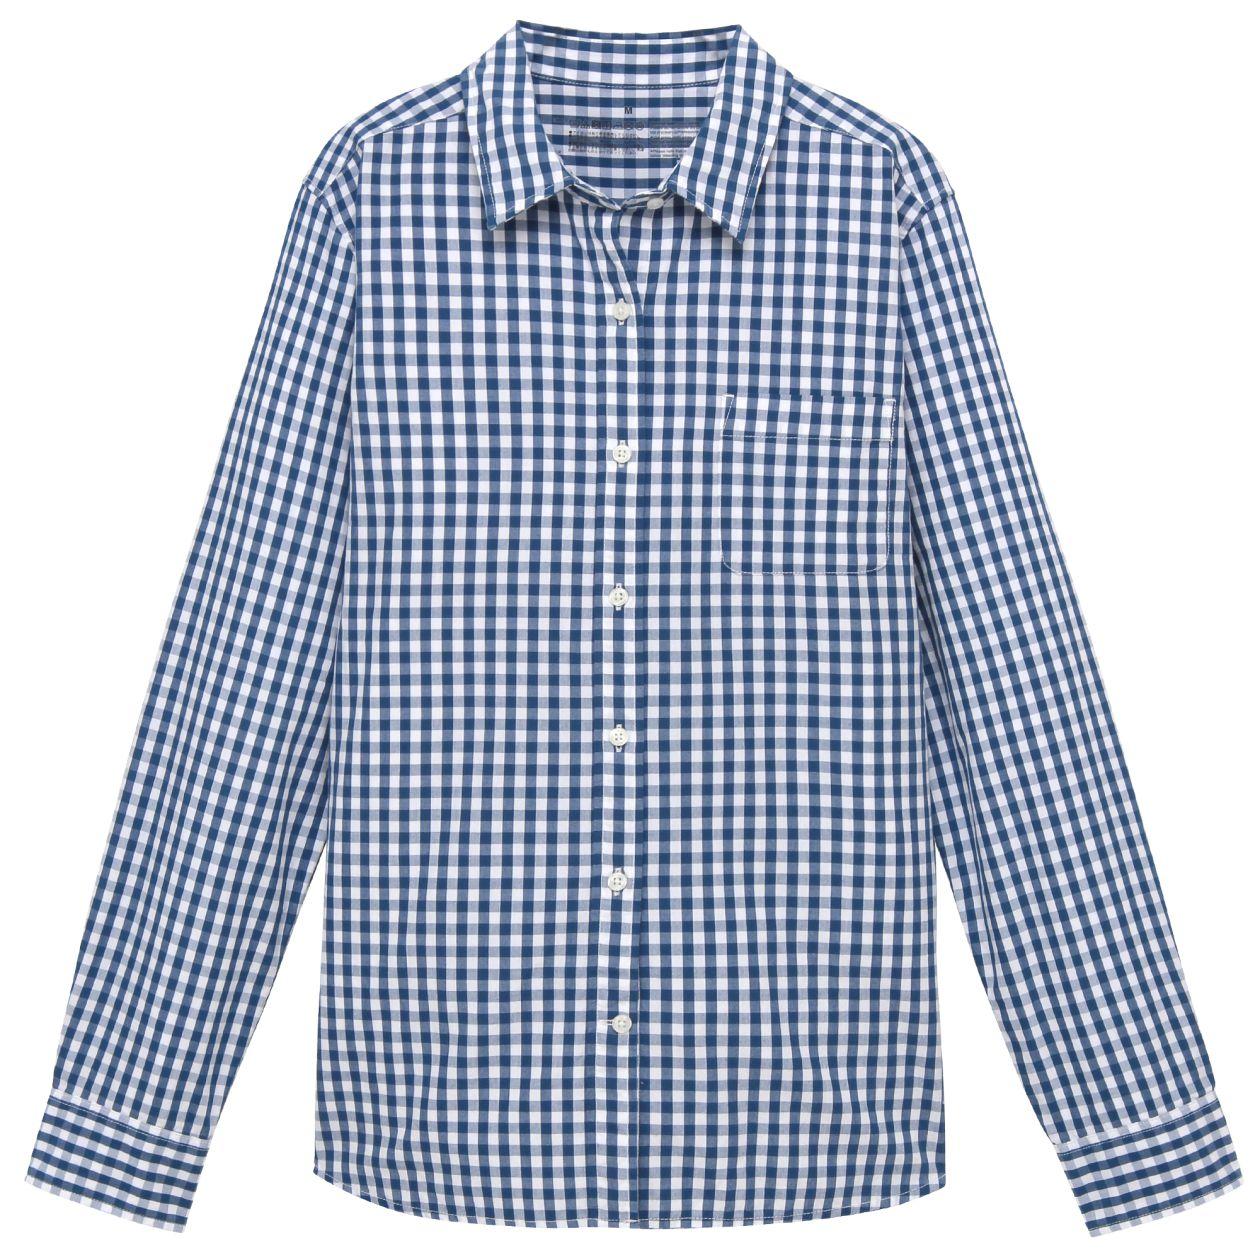 オーガニックコットン洗いざらしギンガムチェックシャツ 婦人S・ブルー コンビニ受取可